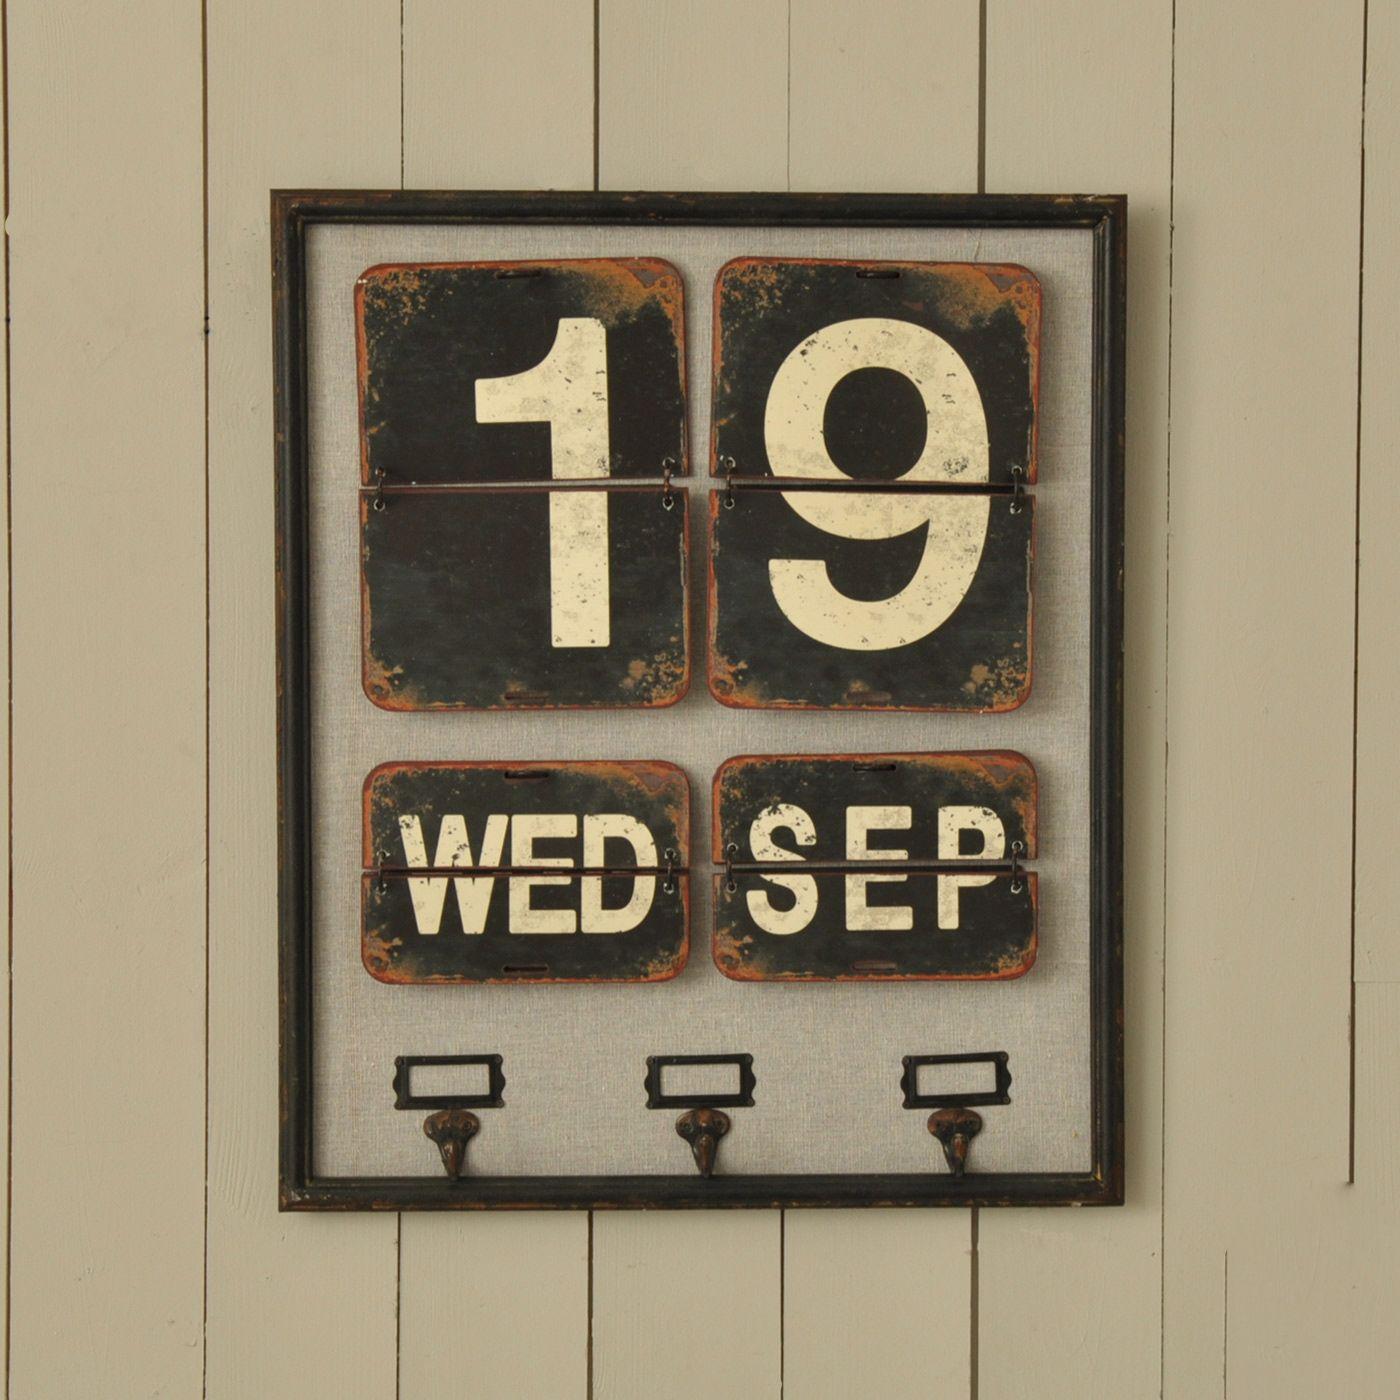 Wooden Wall Calendar